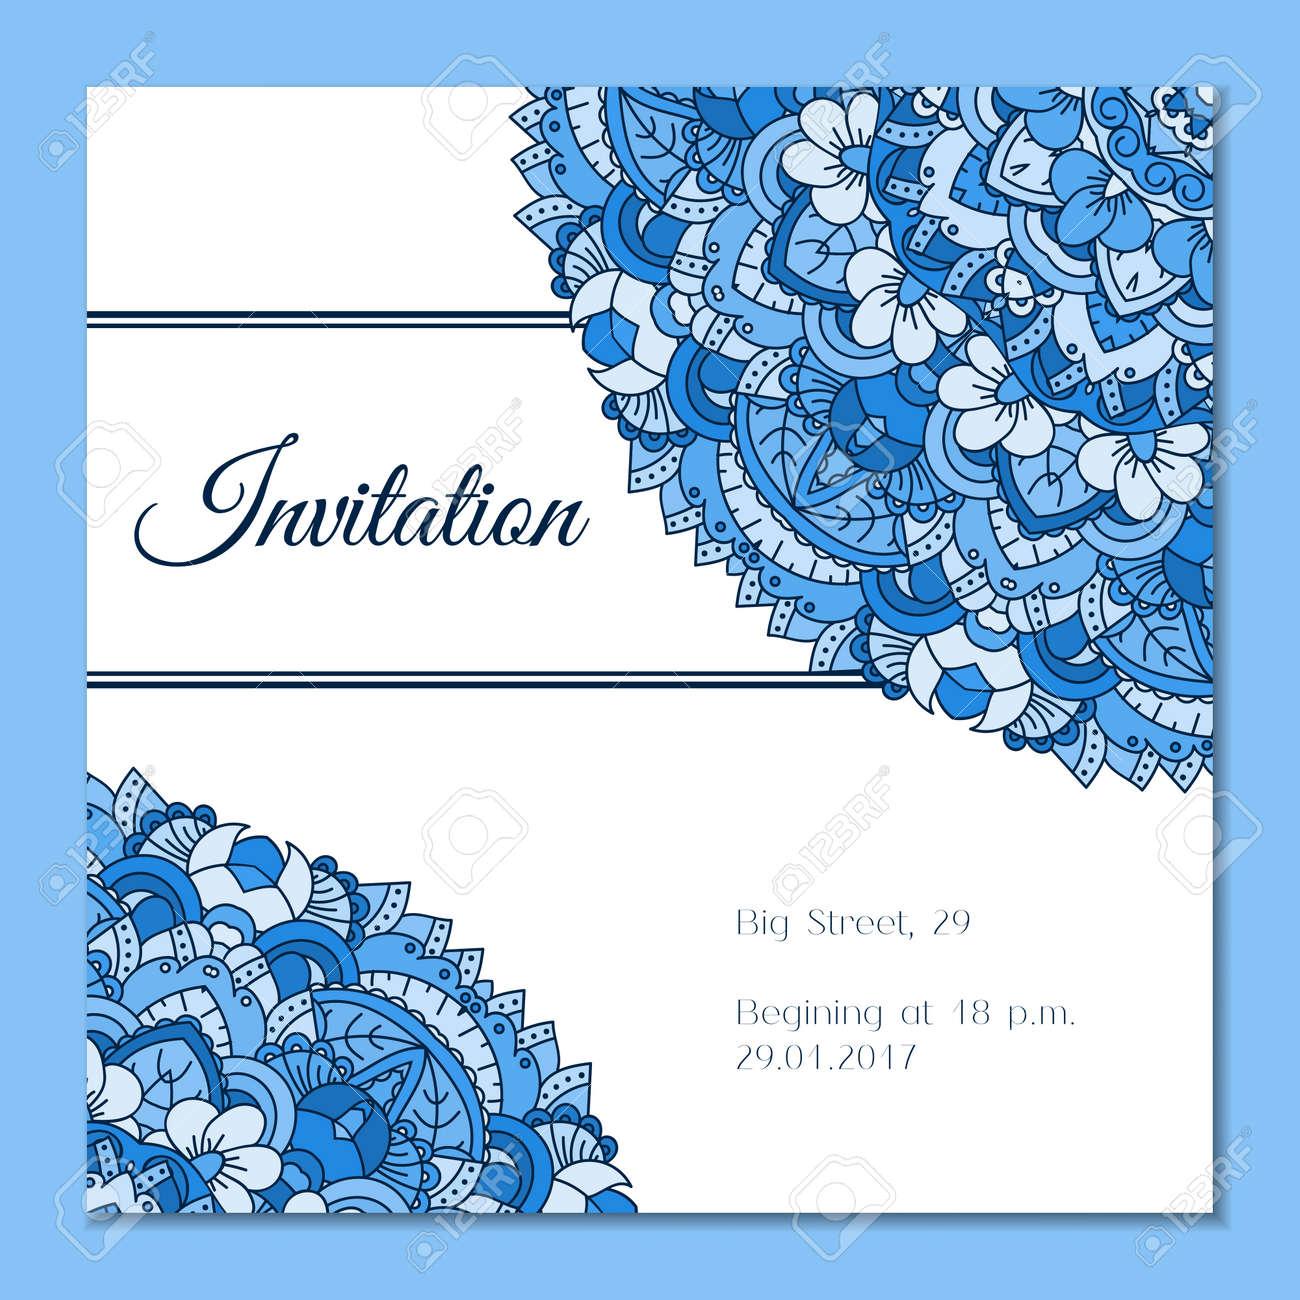 Tarjeta De Felicitación Con Modelo De La Mandala Colorida Estilo De Las Indias Orientales Fondo Hermoso Para La Tarjeta El Partido O La Invitación